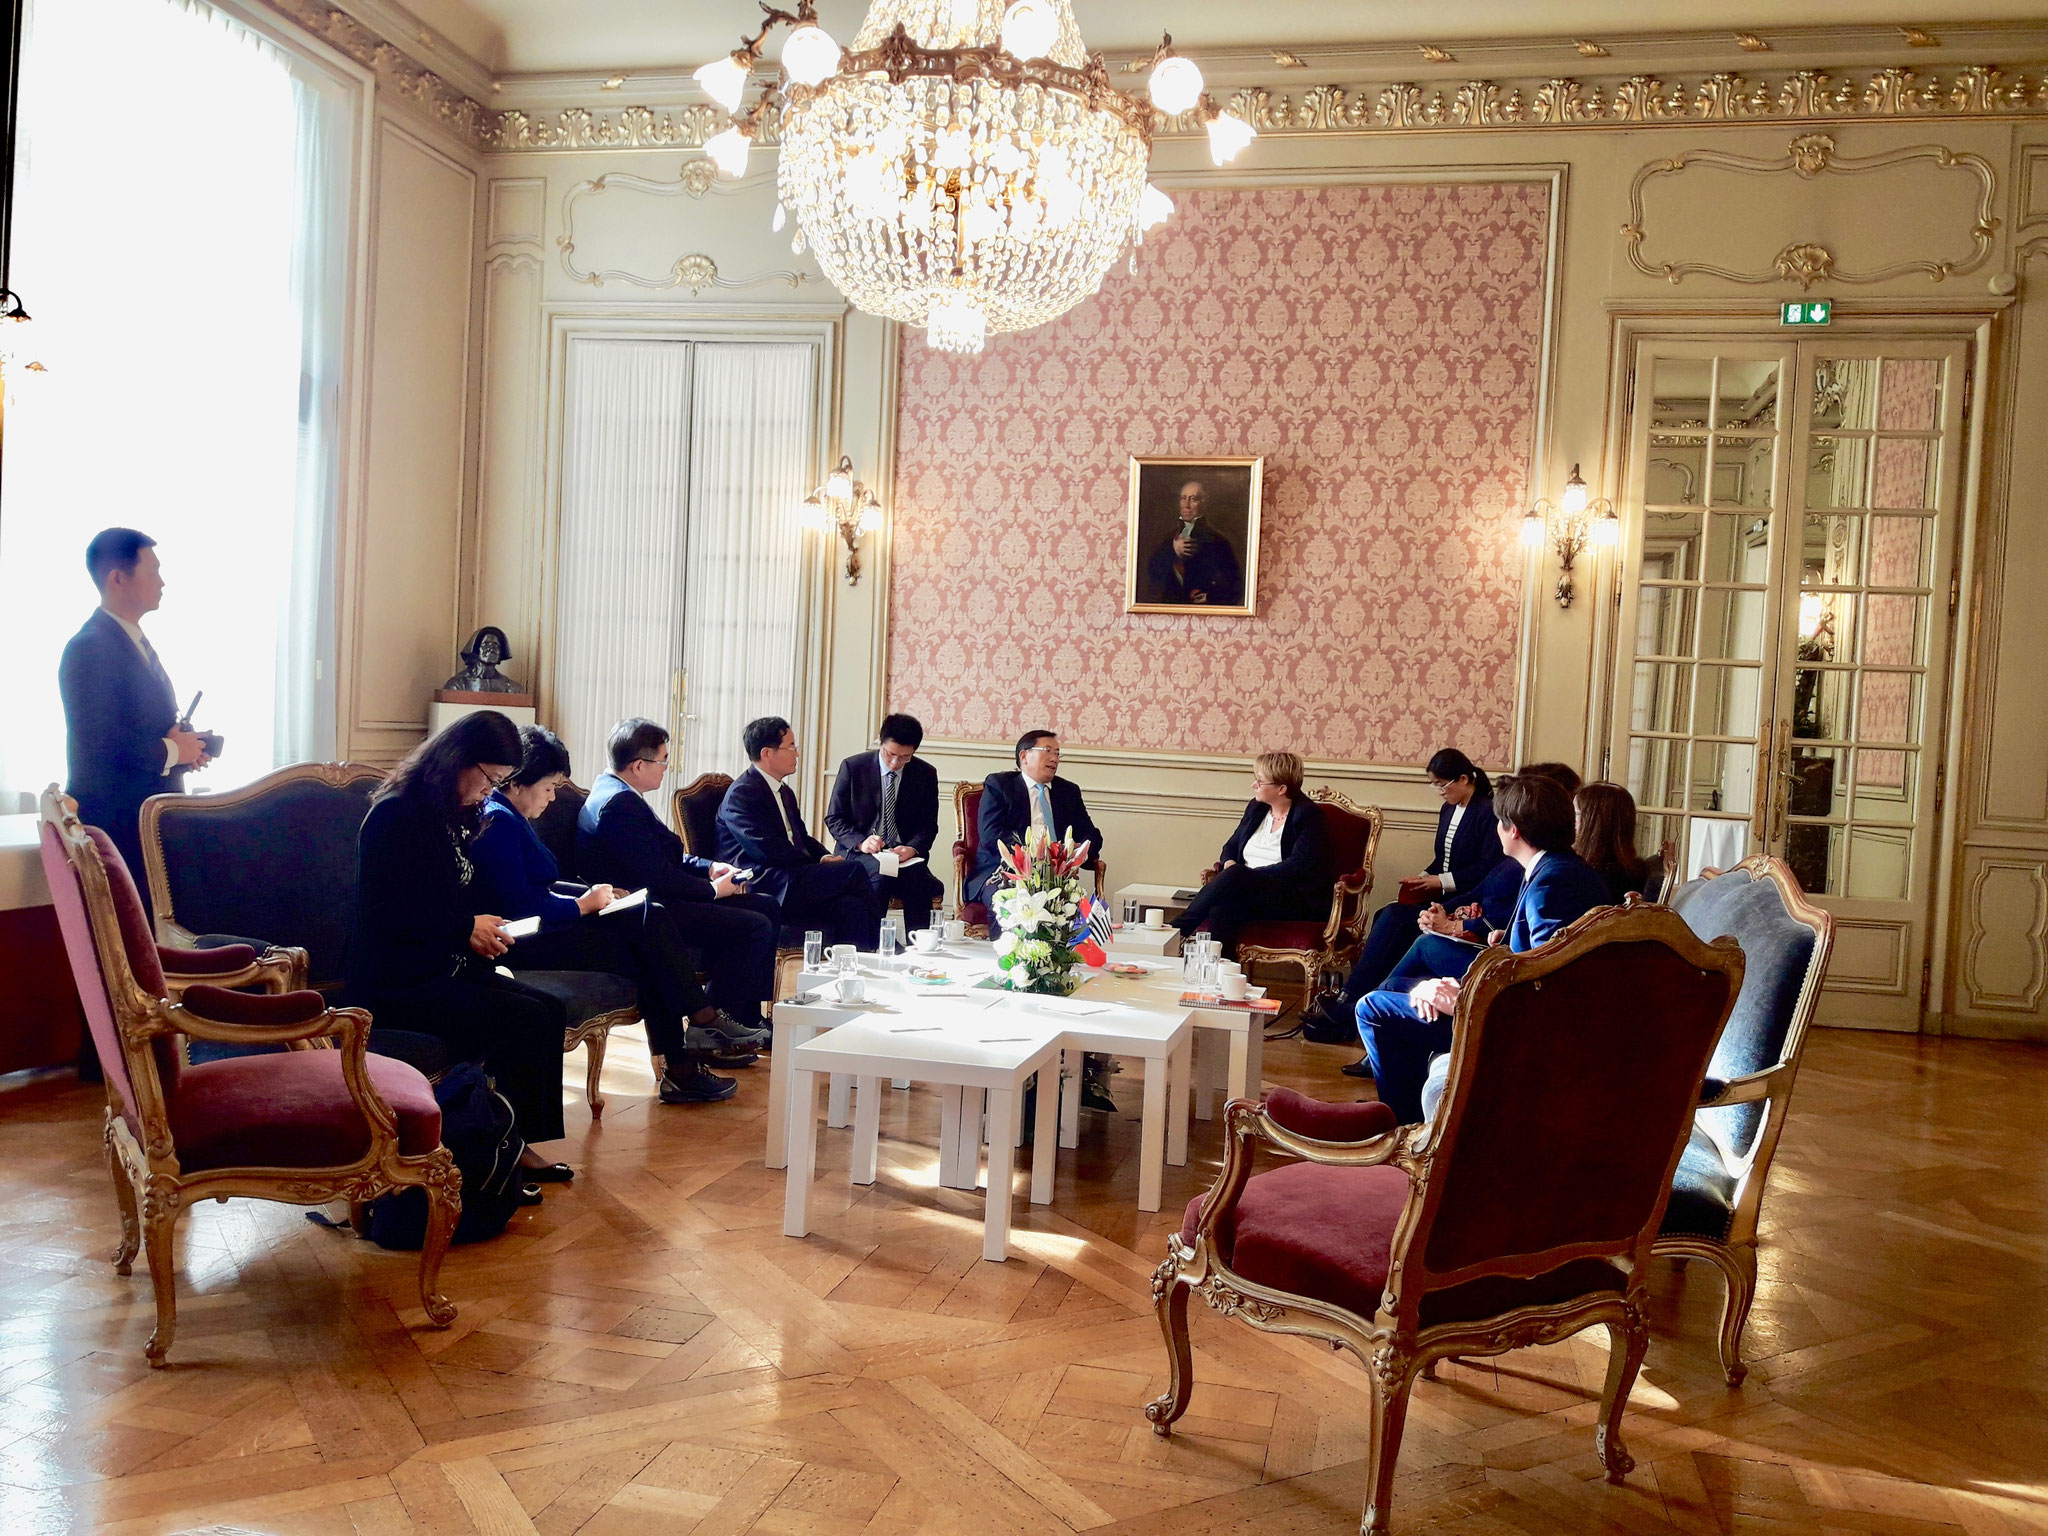 Délégation officielle de Jinan à Rennes. En présence de Mme Appéré, maire de Rennes